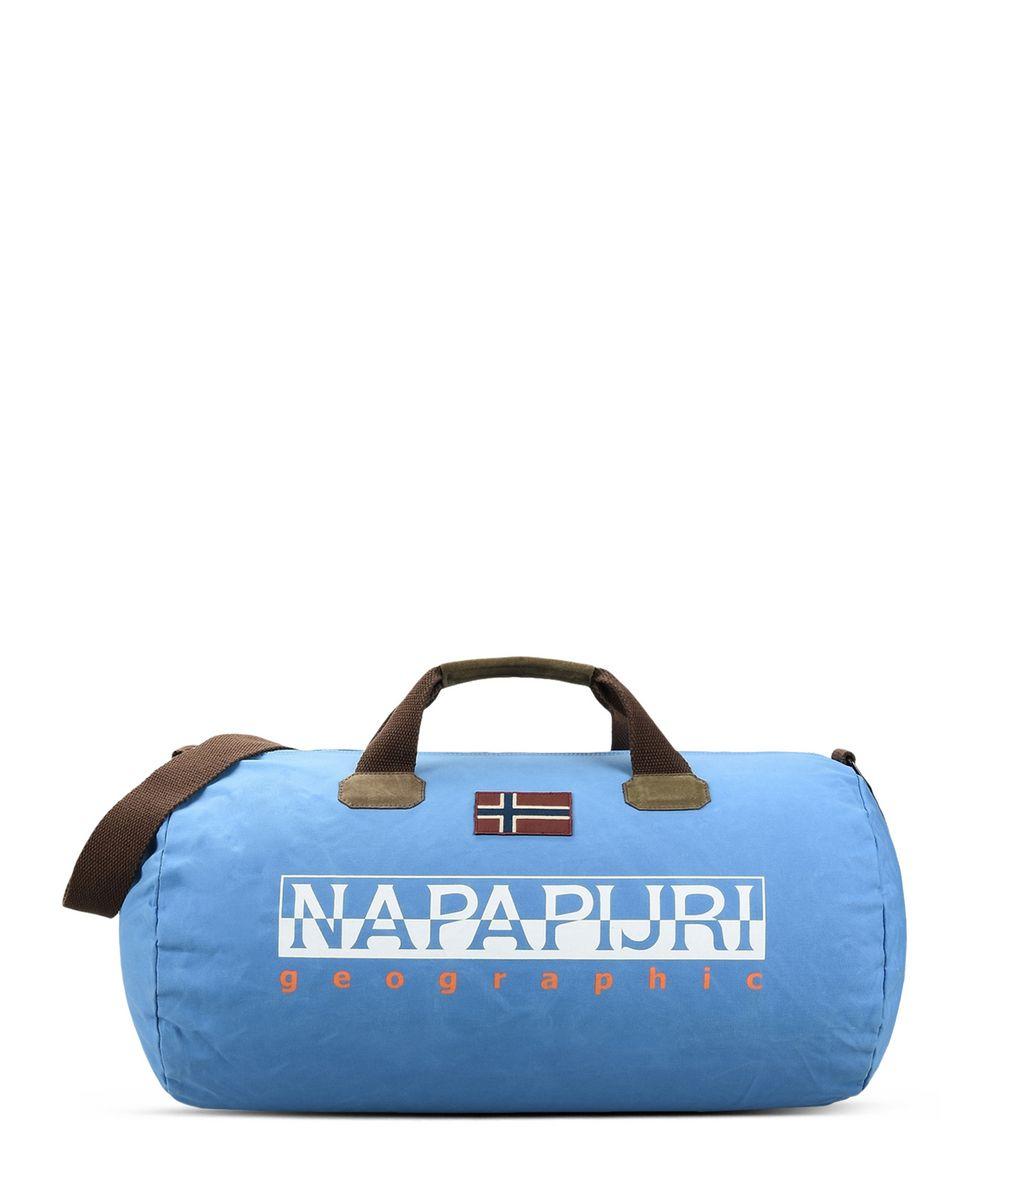 NAPAPIJRI BERING  TRAVEL BAG,AZURE